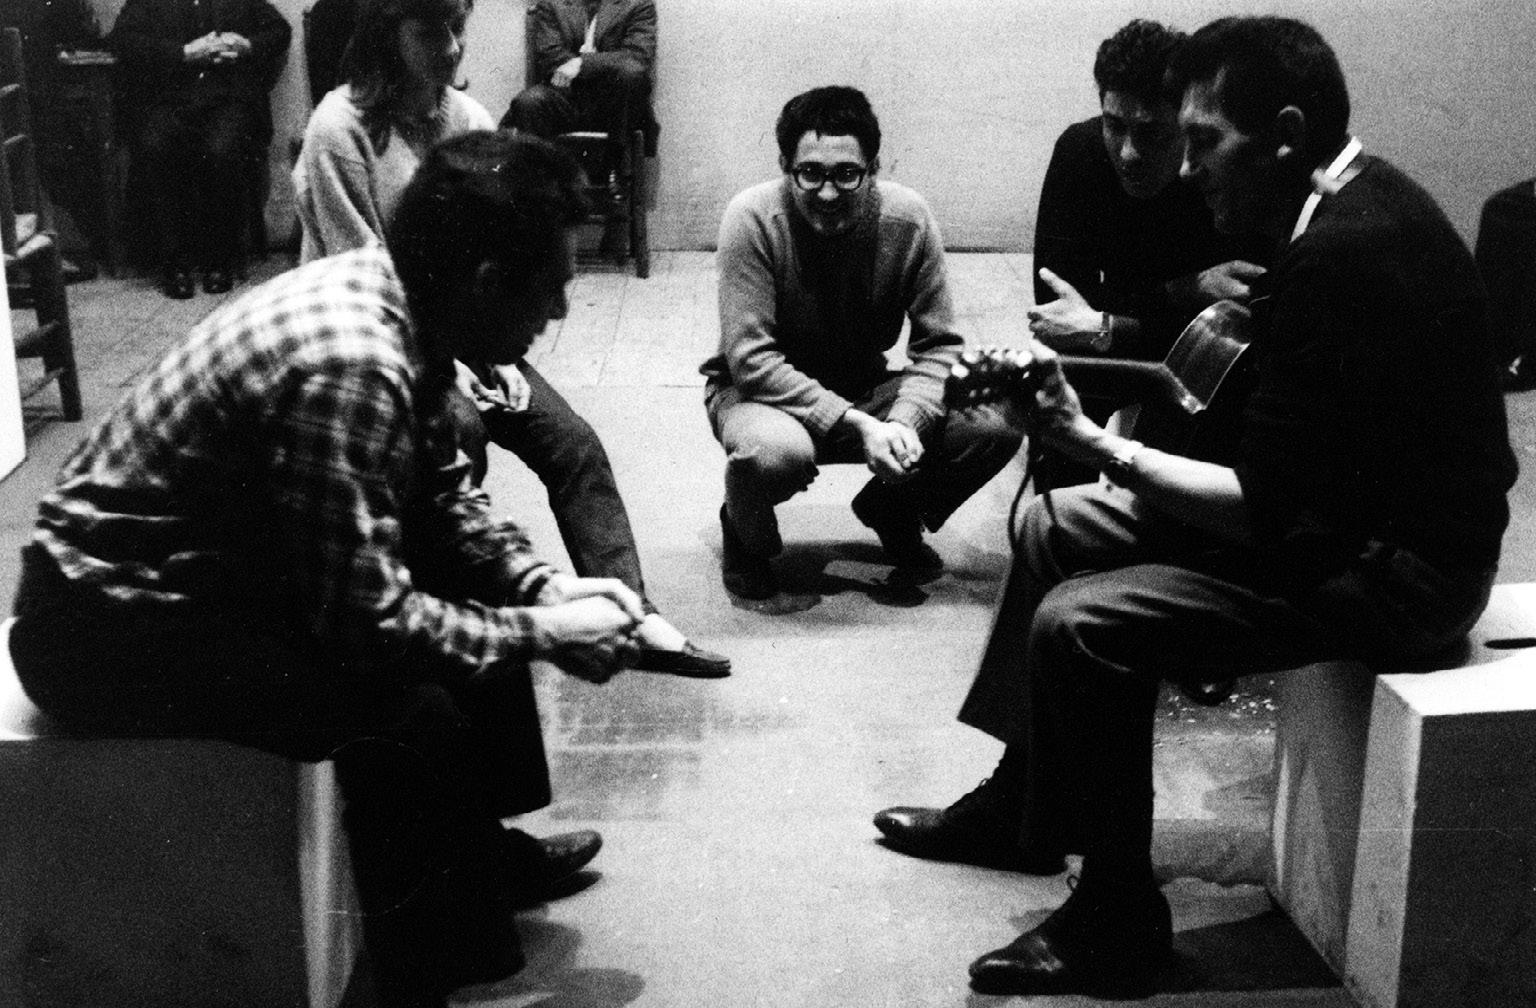 """FIGURA 8. Prove per la messa in scena dello spettacolo """"Ci ragiono e canto"""", regia di Dario Fo, Milano, Teatro Manzoni, 1966 (foto: R. Schwamenthal)."""